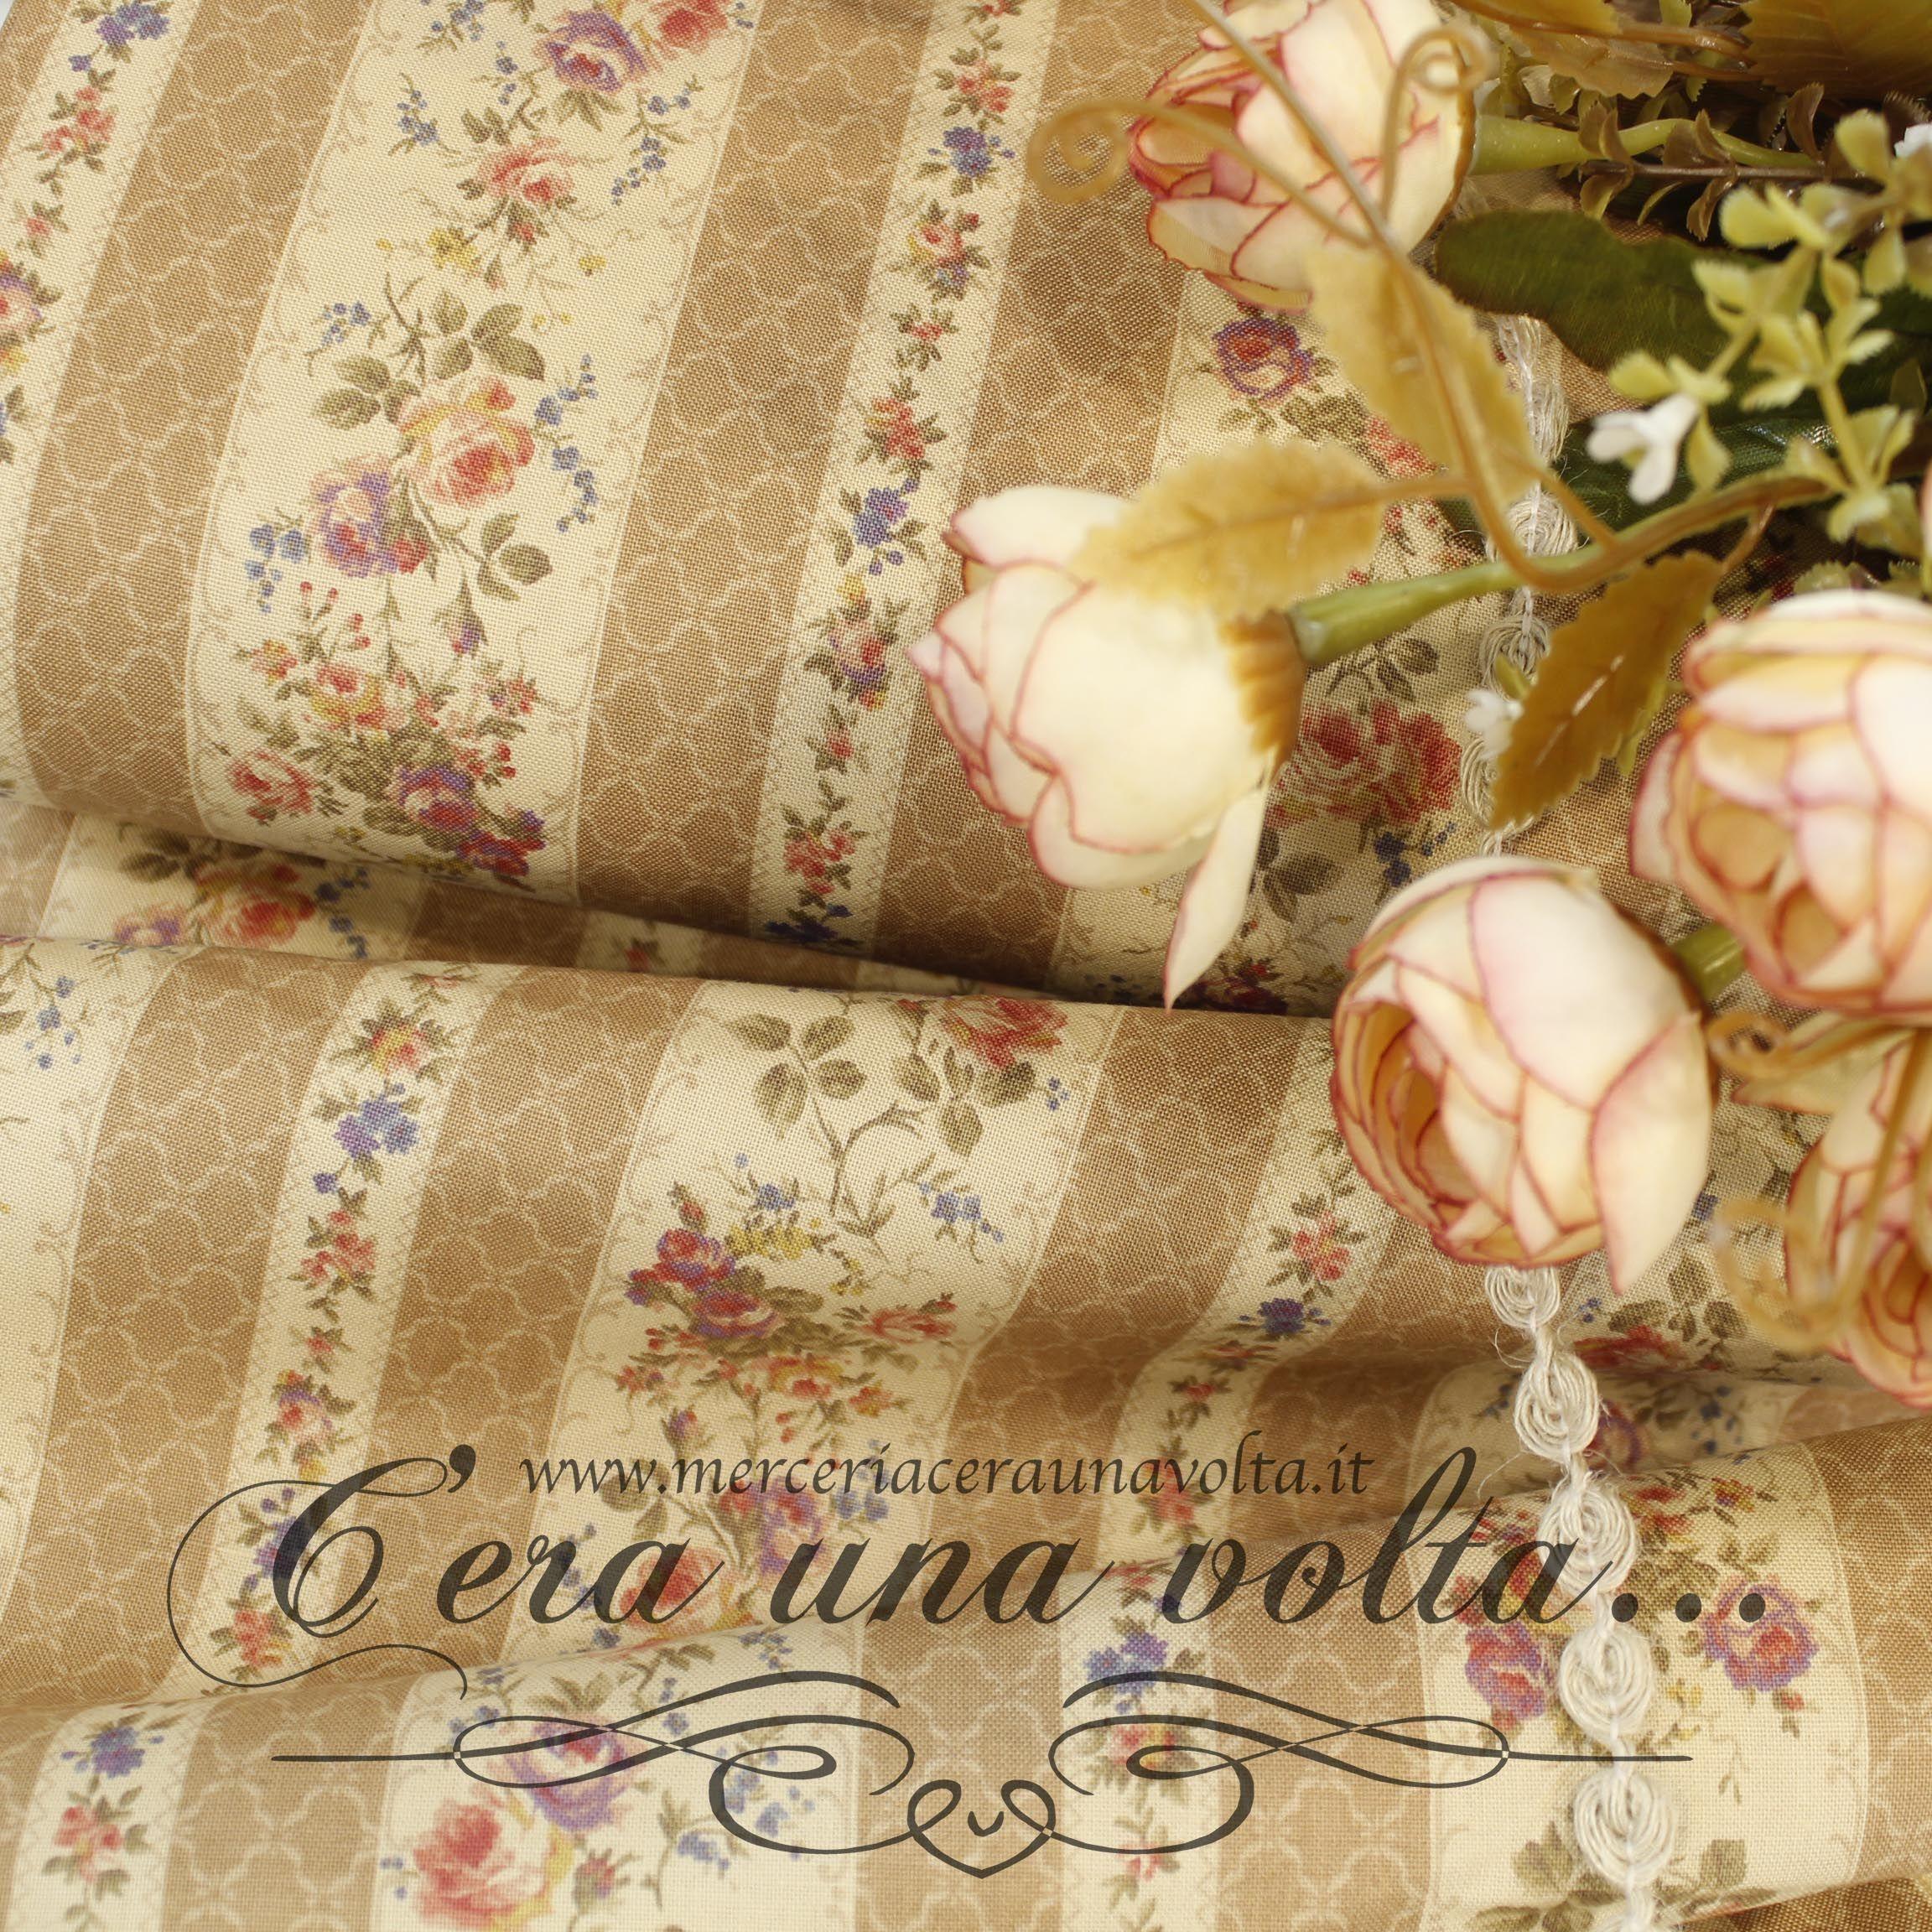 Tessuti da abbigliamento cerimonia, lycra e tessuti specifici per ballo, danza,. Tessuto Rose Shabby Chic Vintage Shabby Chic Tessuto Shabby Chic Tessuti